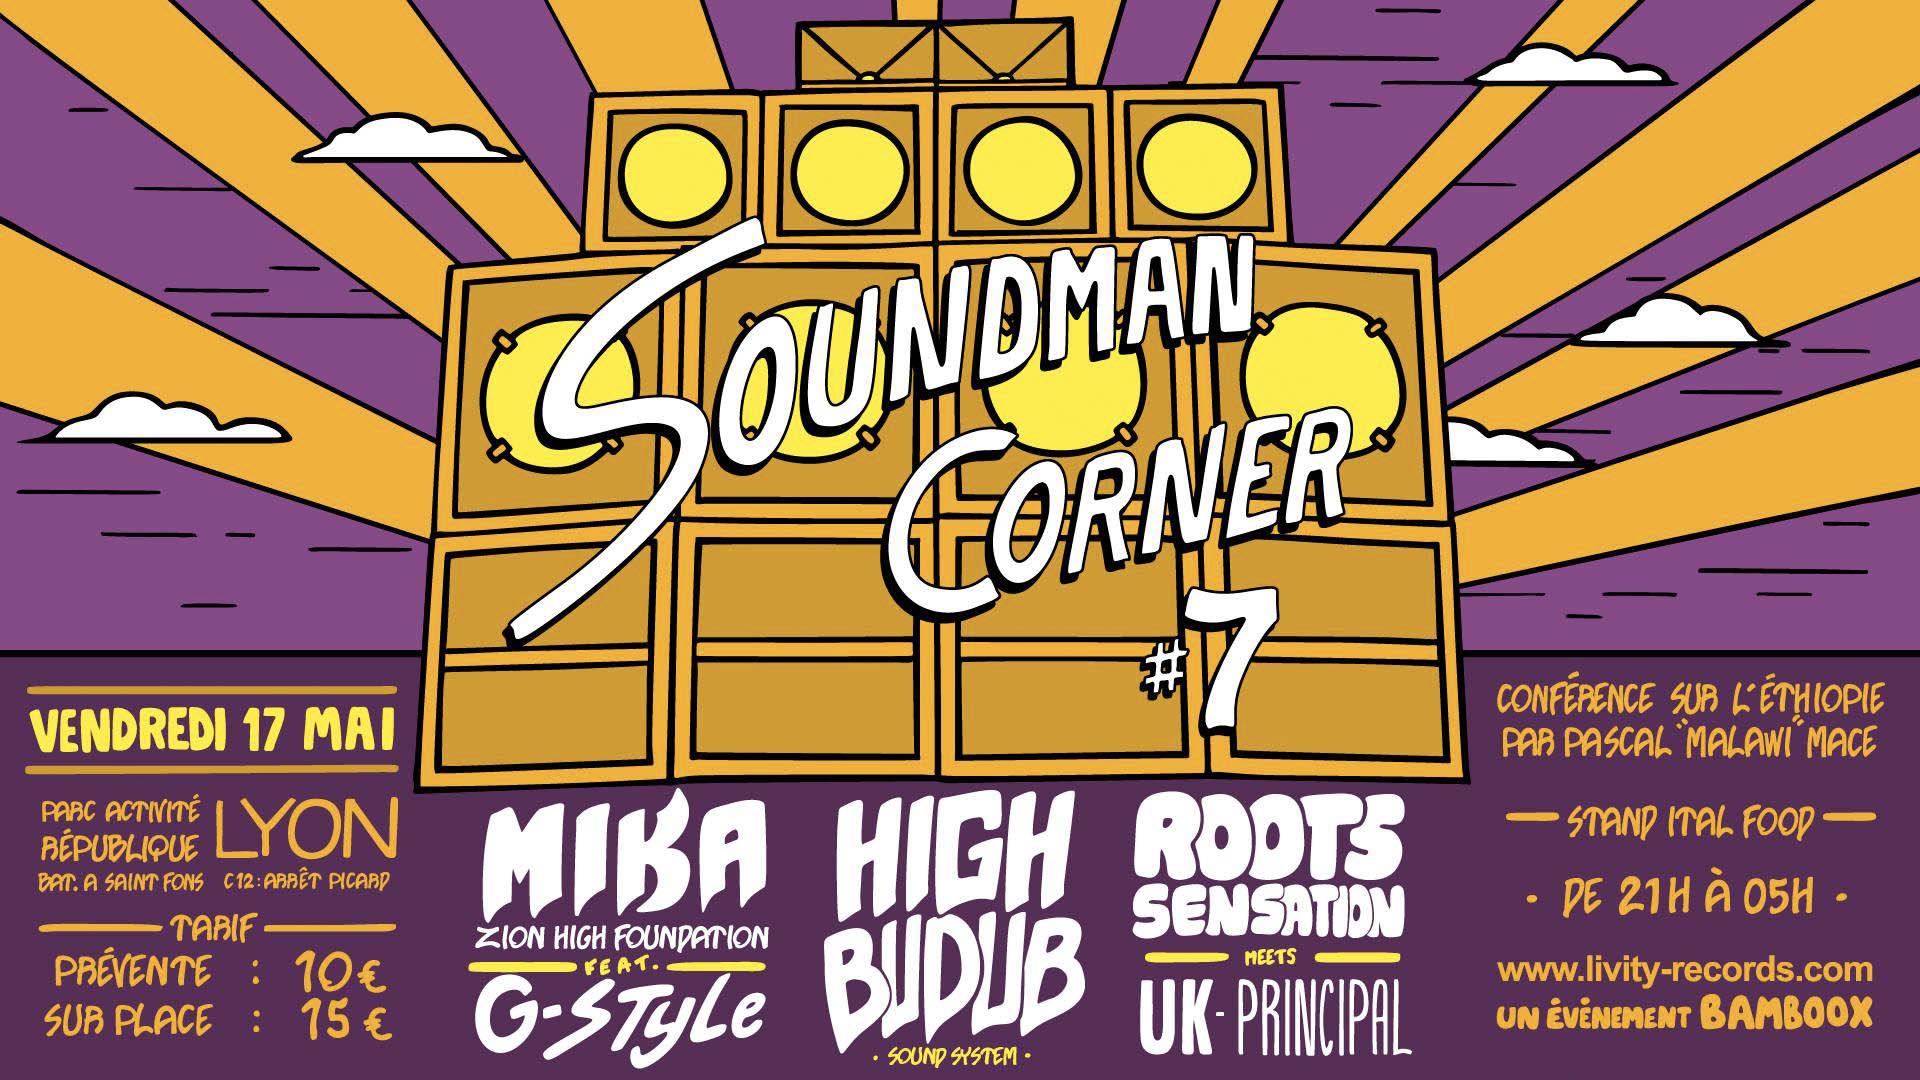 Soundman-Corner-7-17mai2019